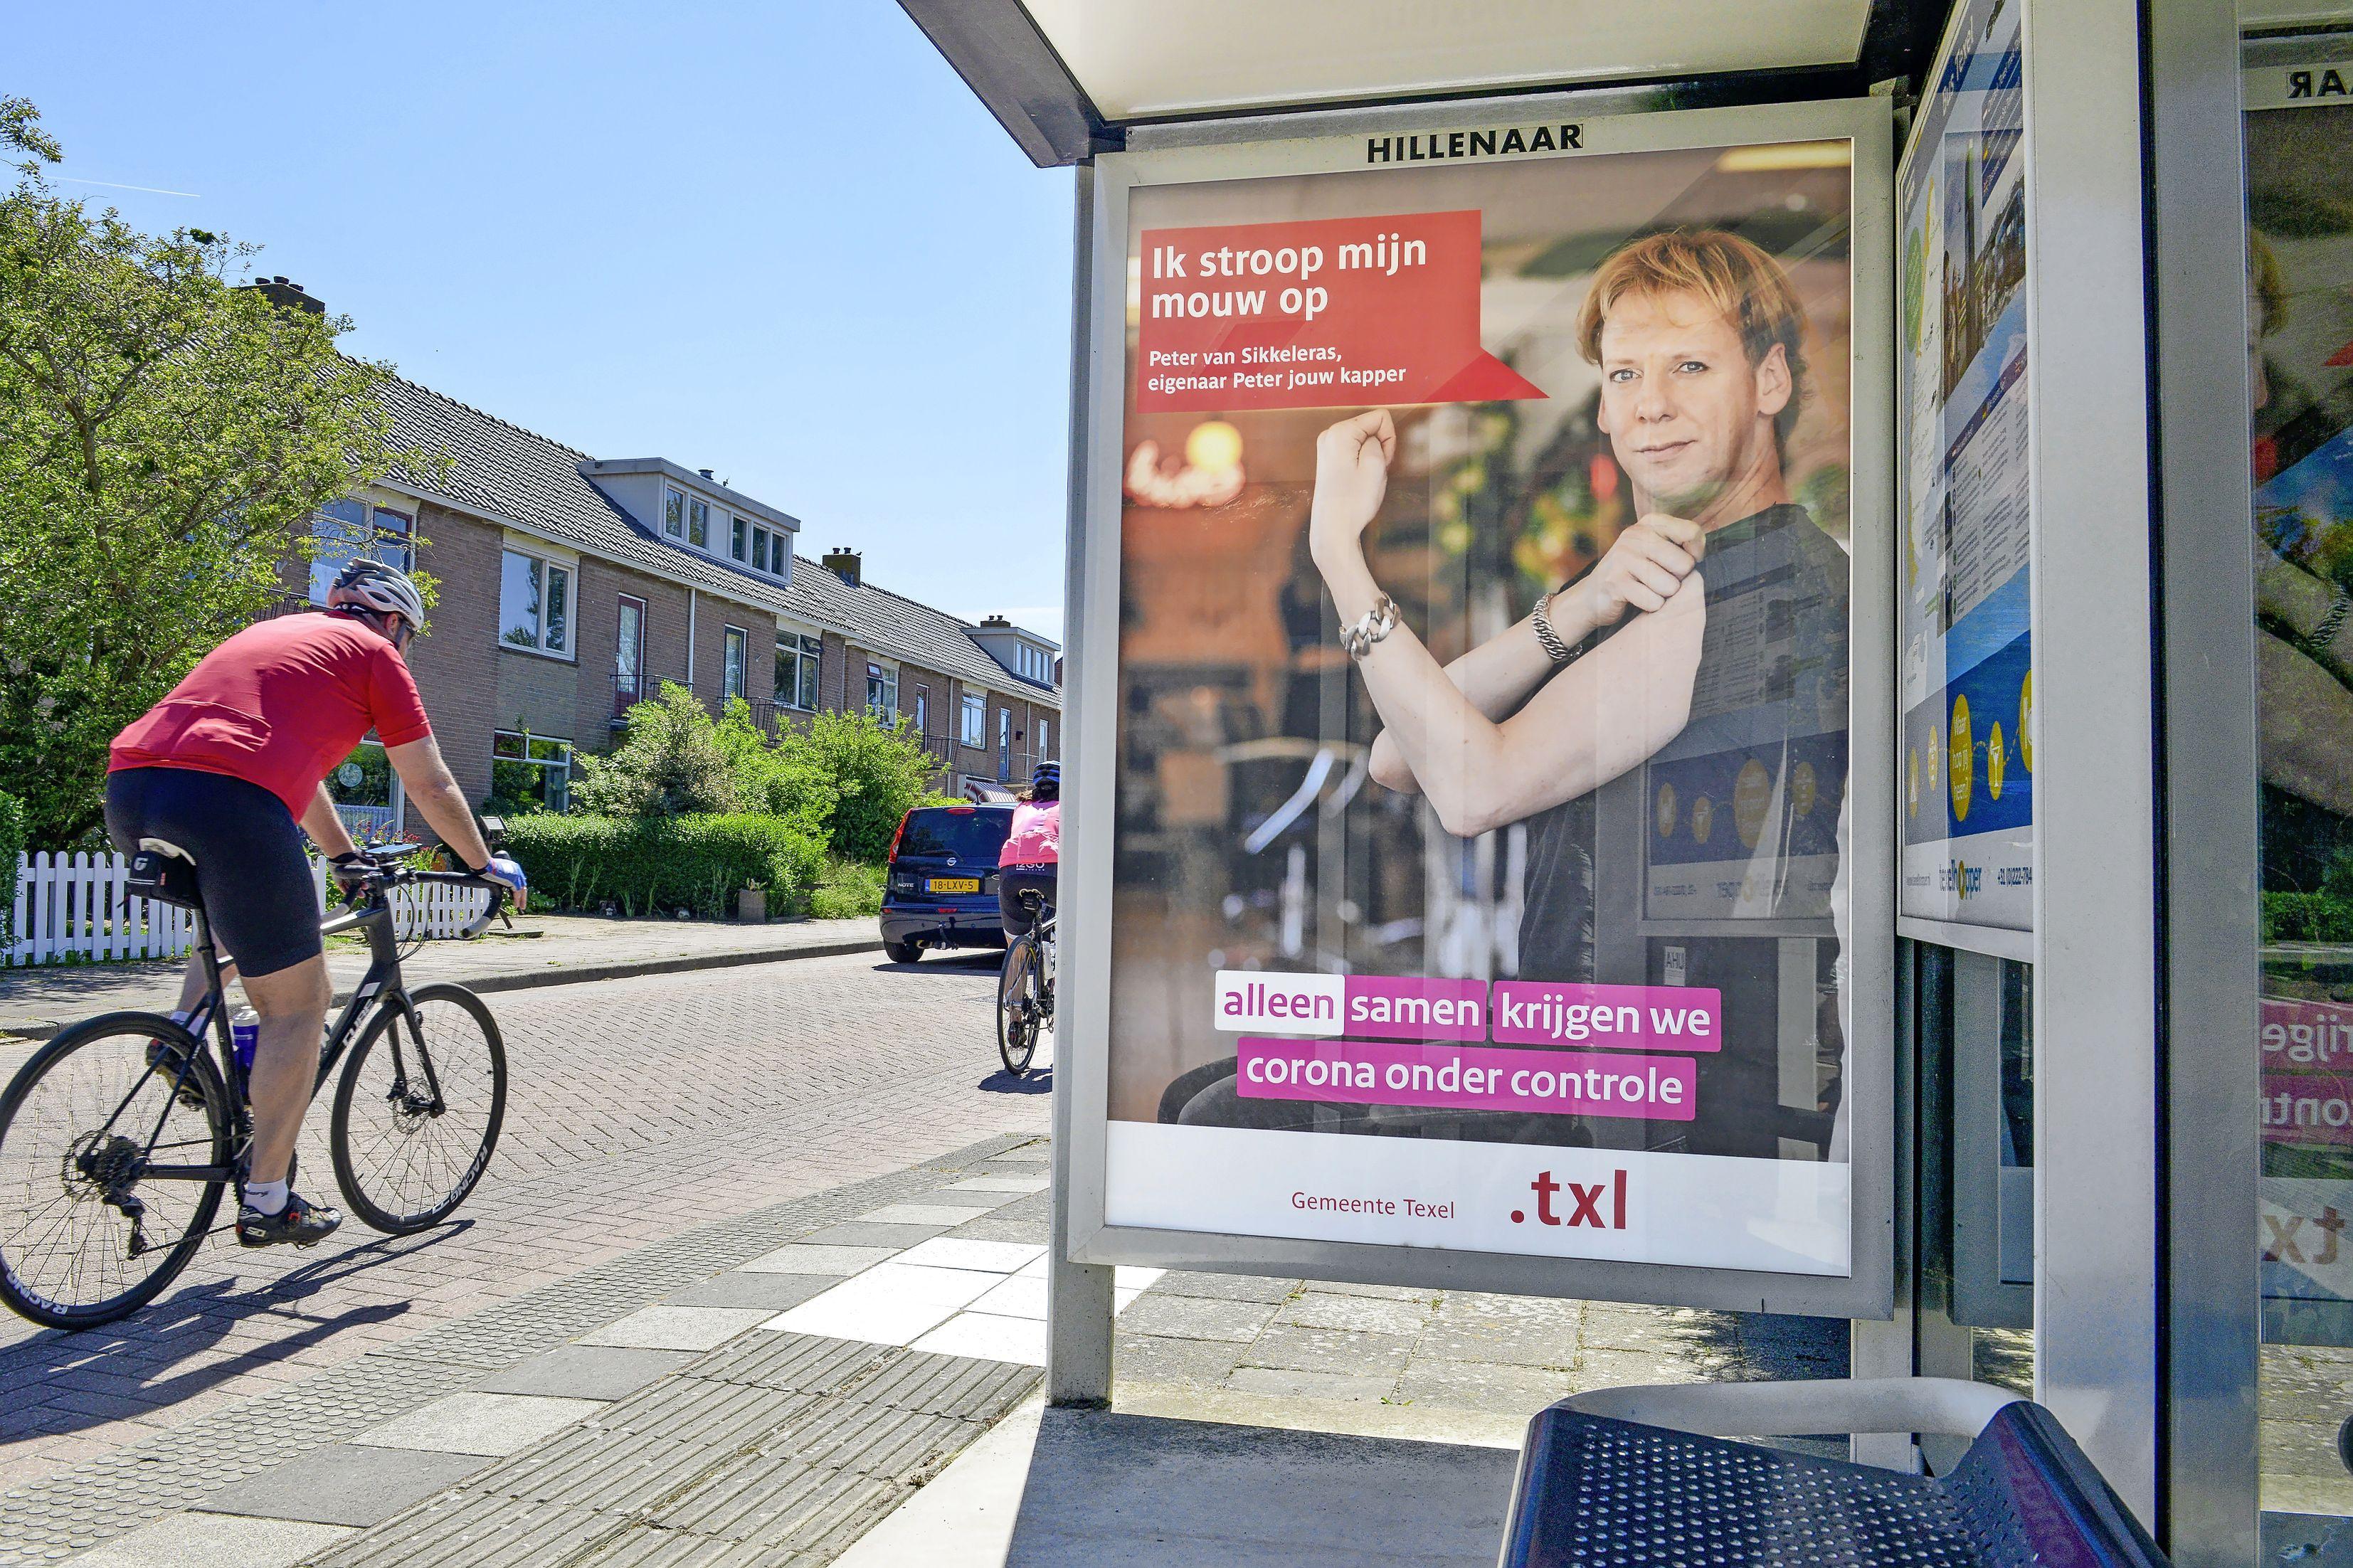 De kapper, kroegbazen en de schooldirecteur, allemaal stropen ze hun mouw op om vaccinatie te promoten op Texel. 'Ik werk in de horeca, ik wil aan de slag!'